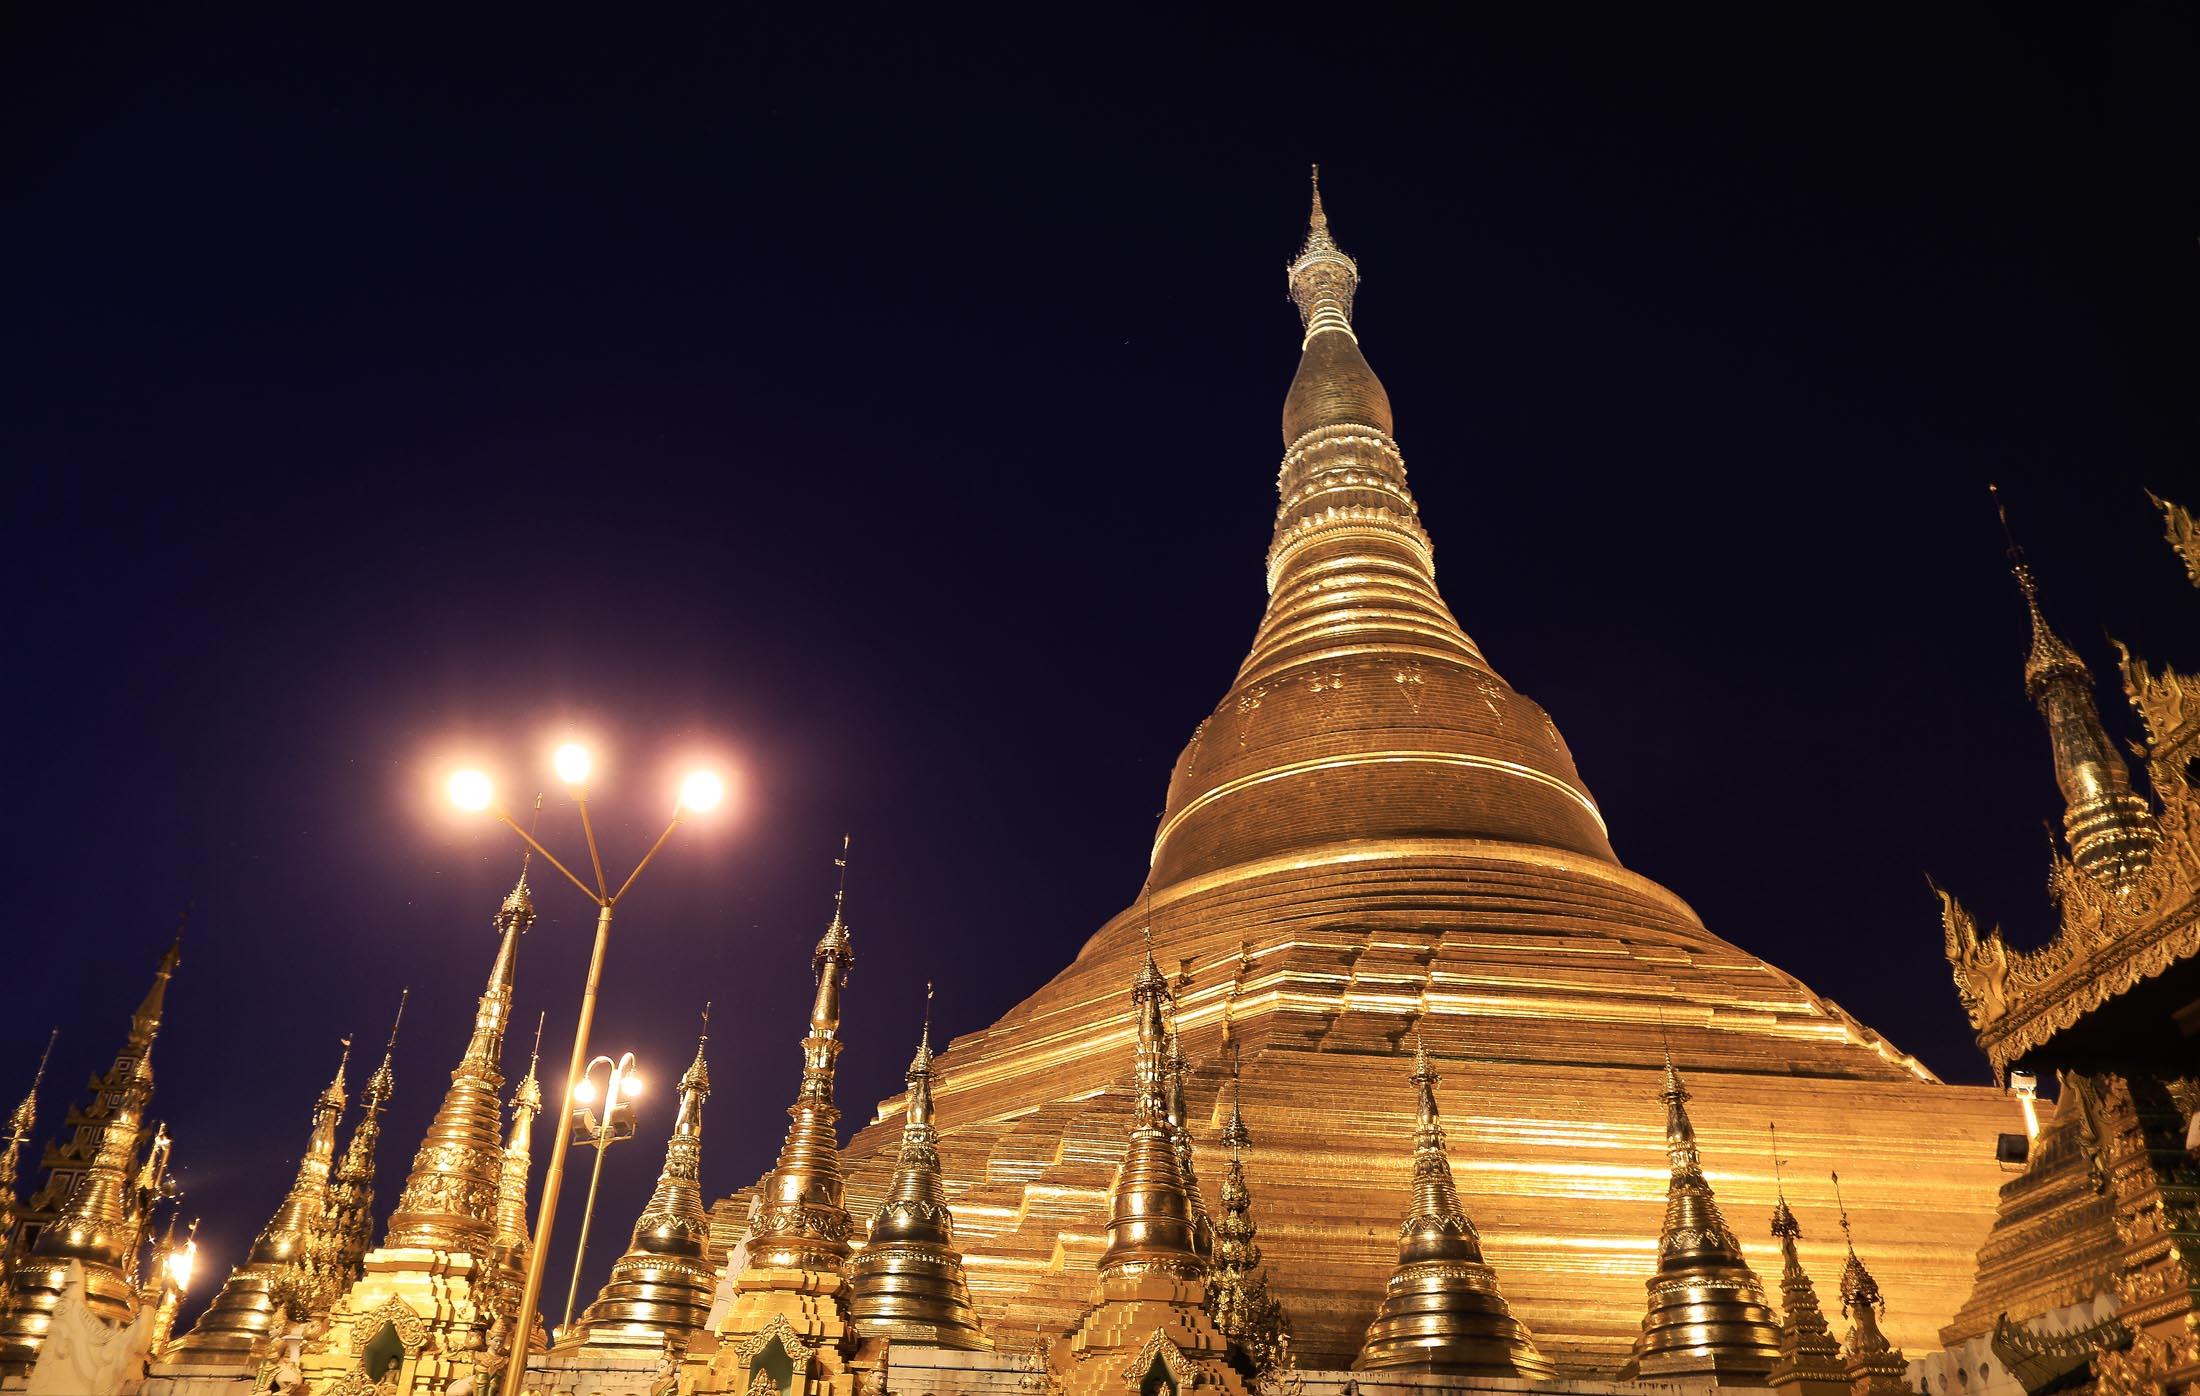 Schwedagon Pagoda, Yangon, Myanamar